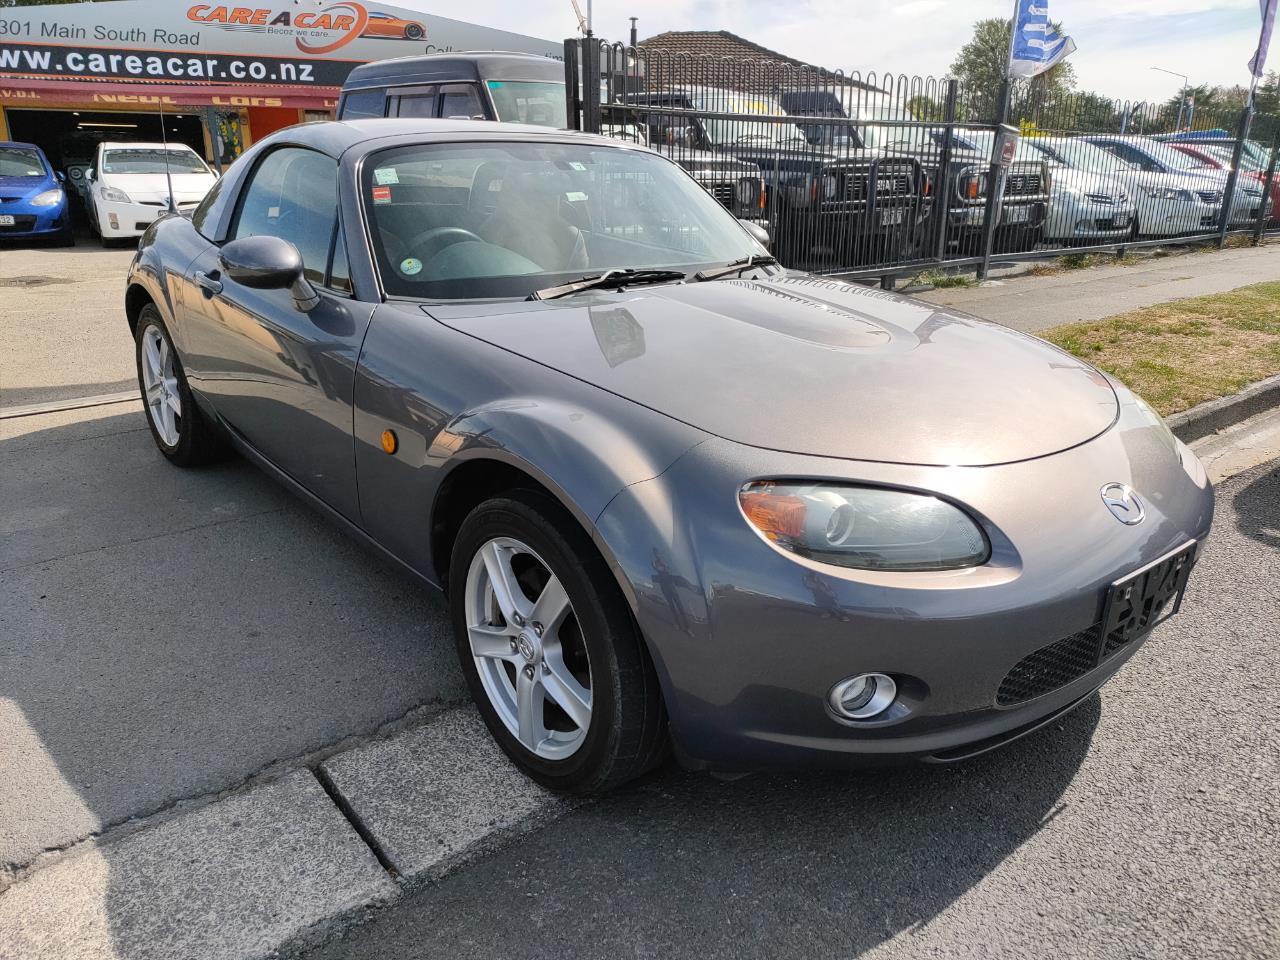 image-7, 2006 Mazda Roadster at Christchurch